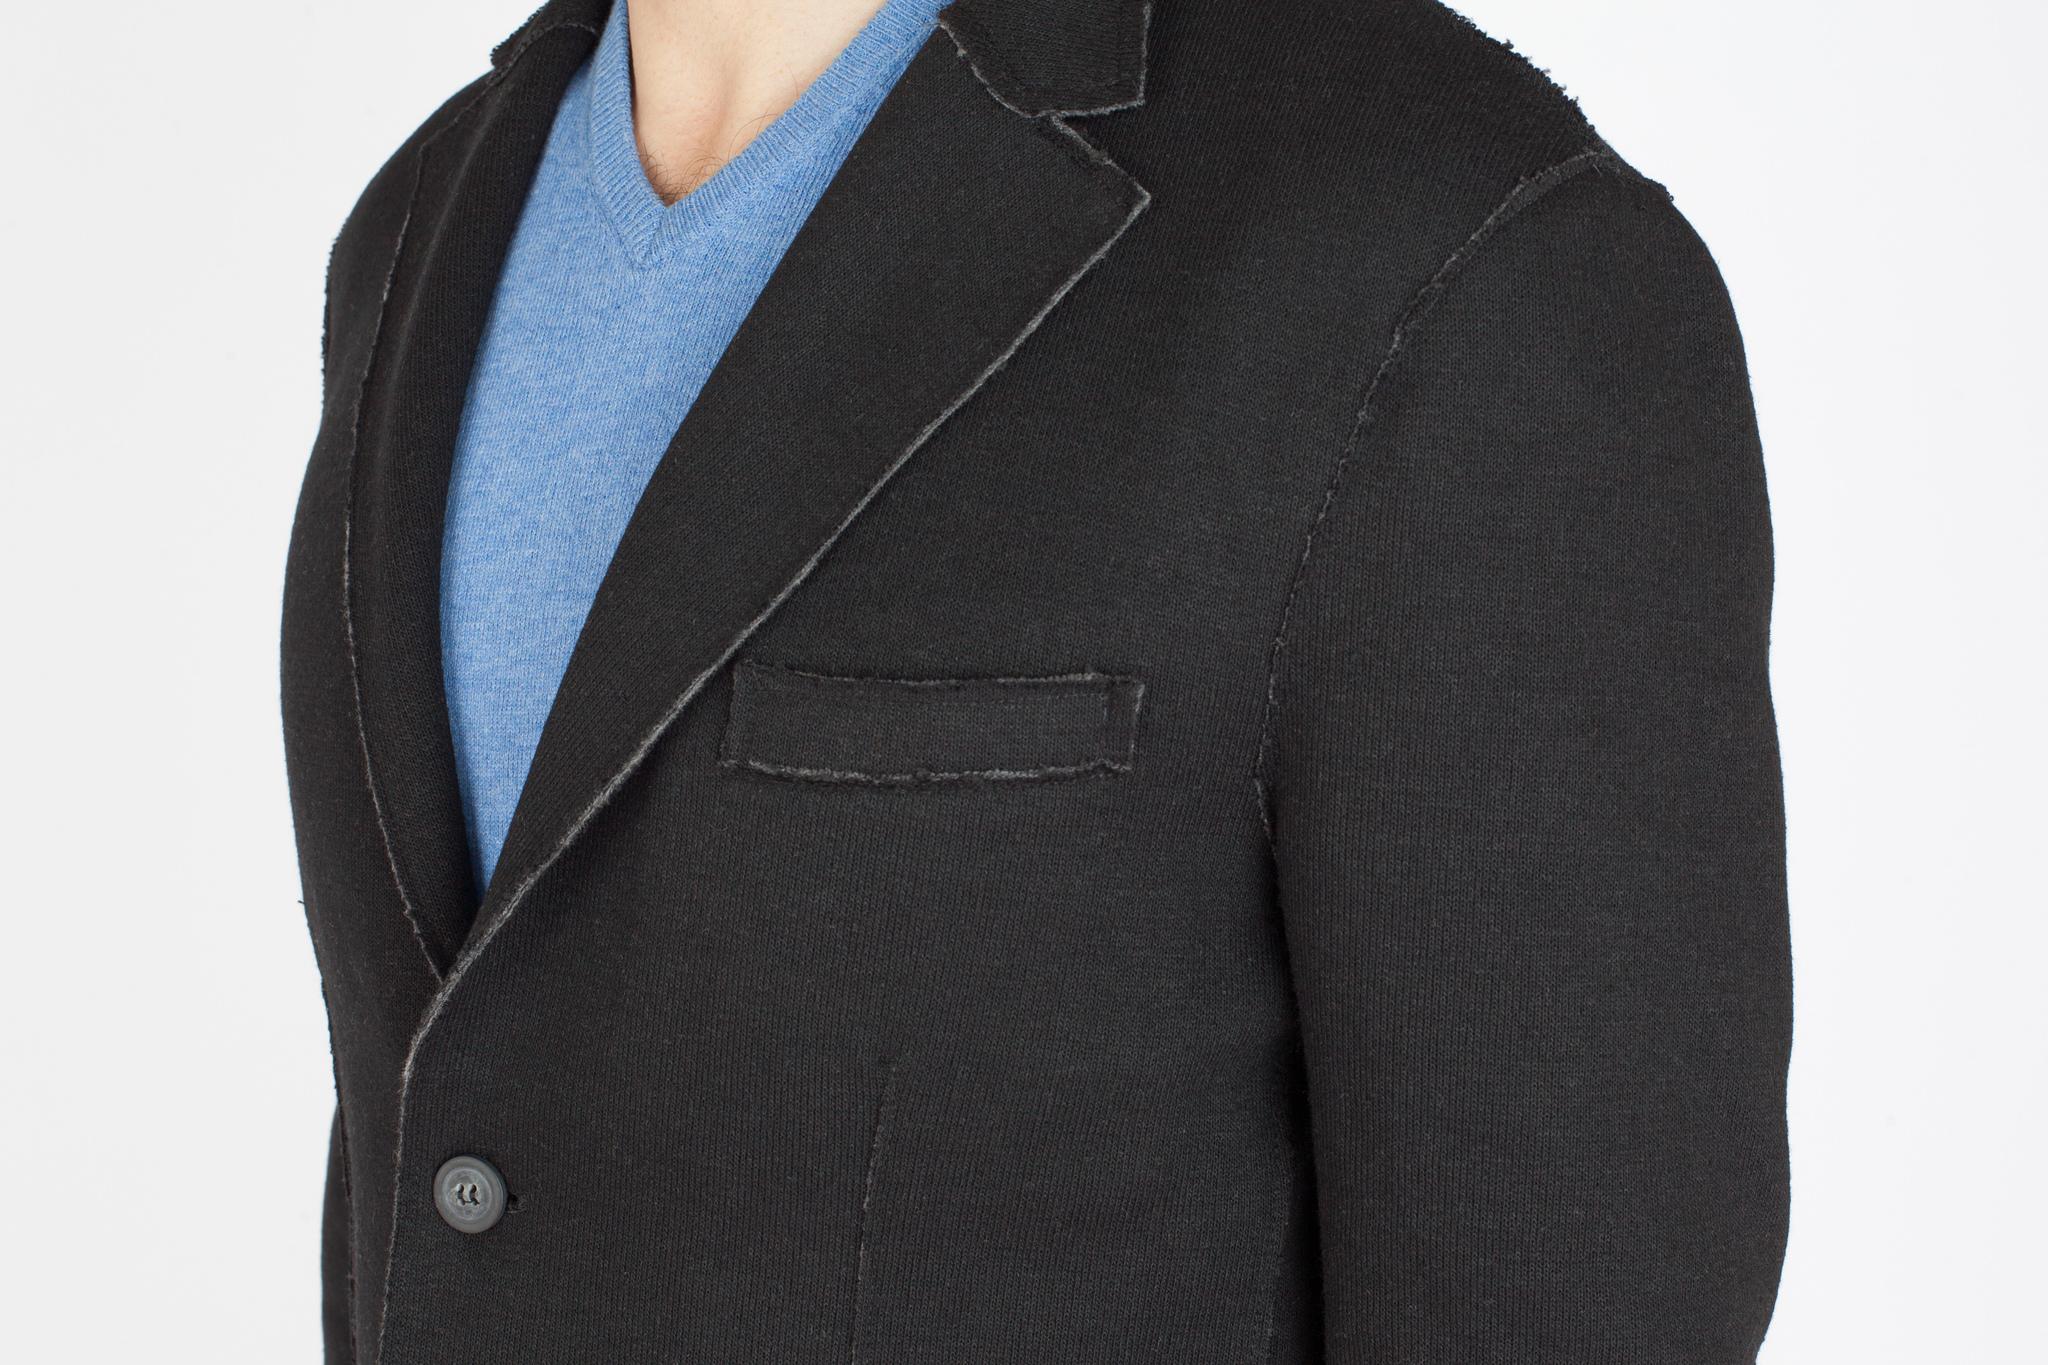 Чёрный трикотажный пиджак, нагрудный карман